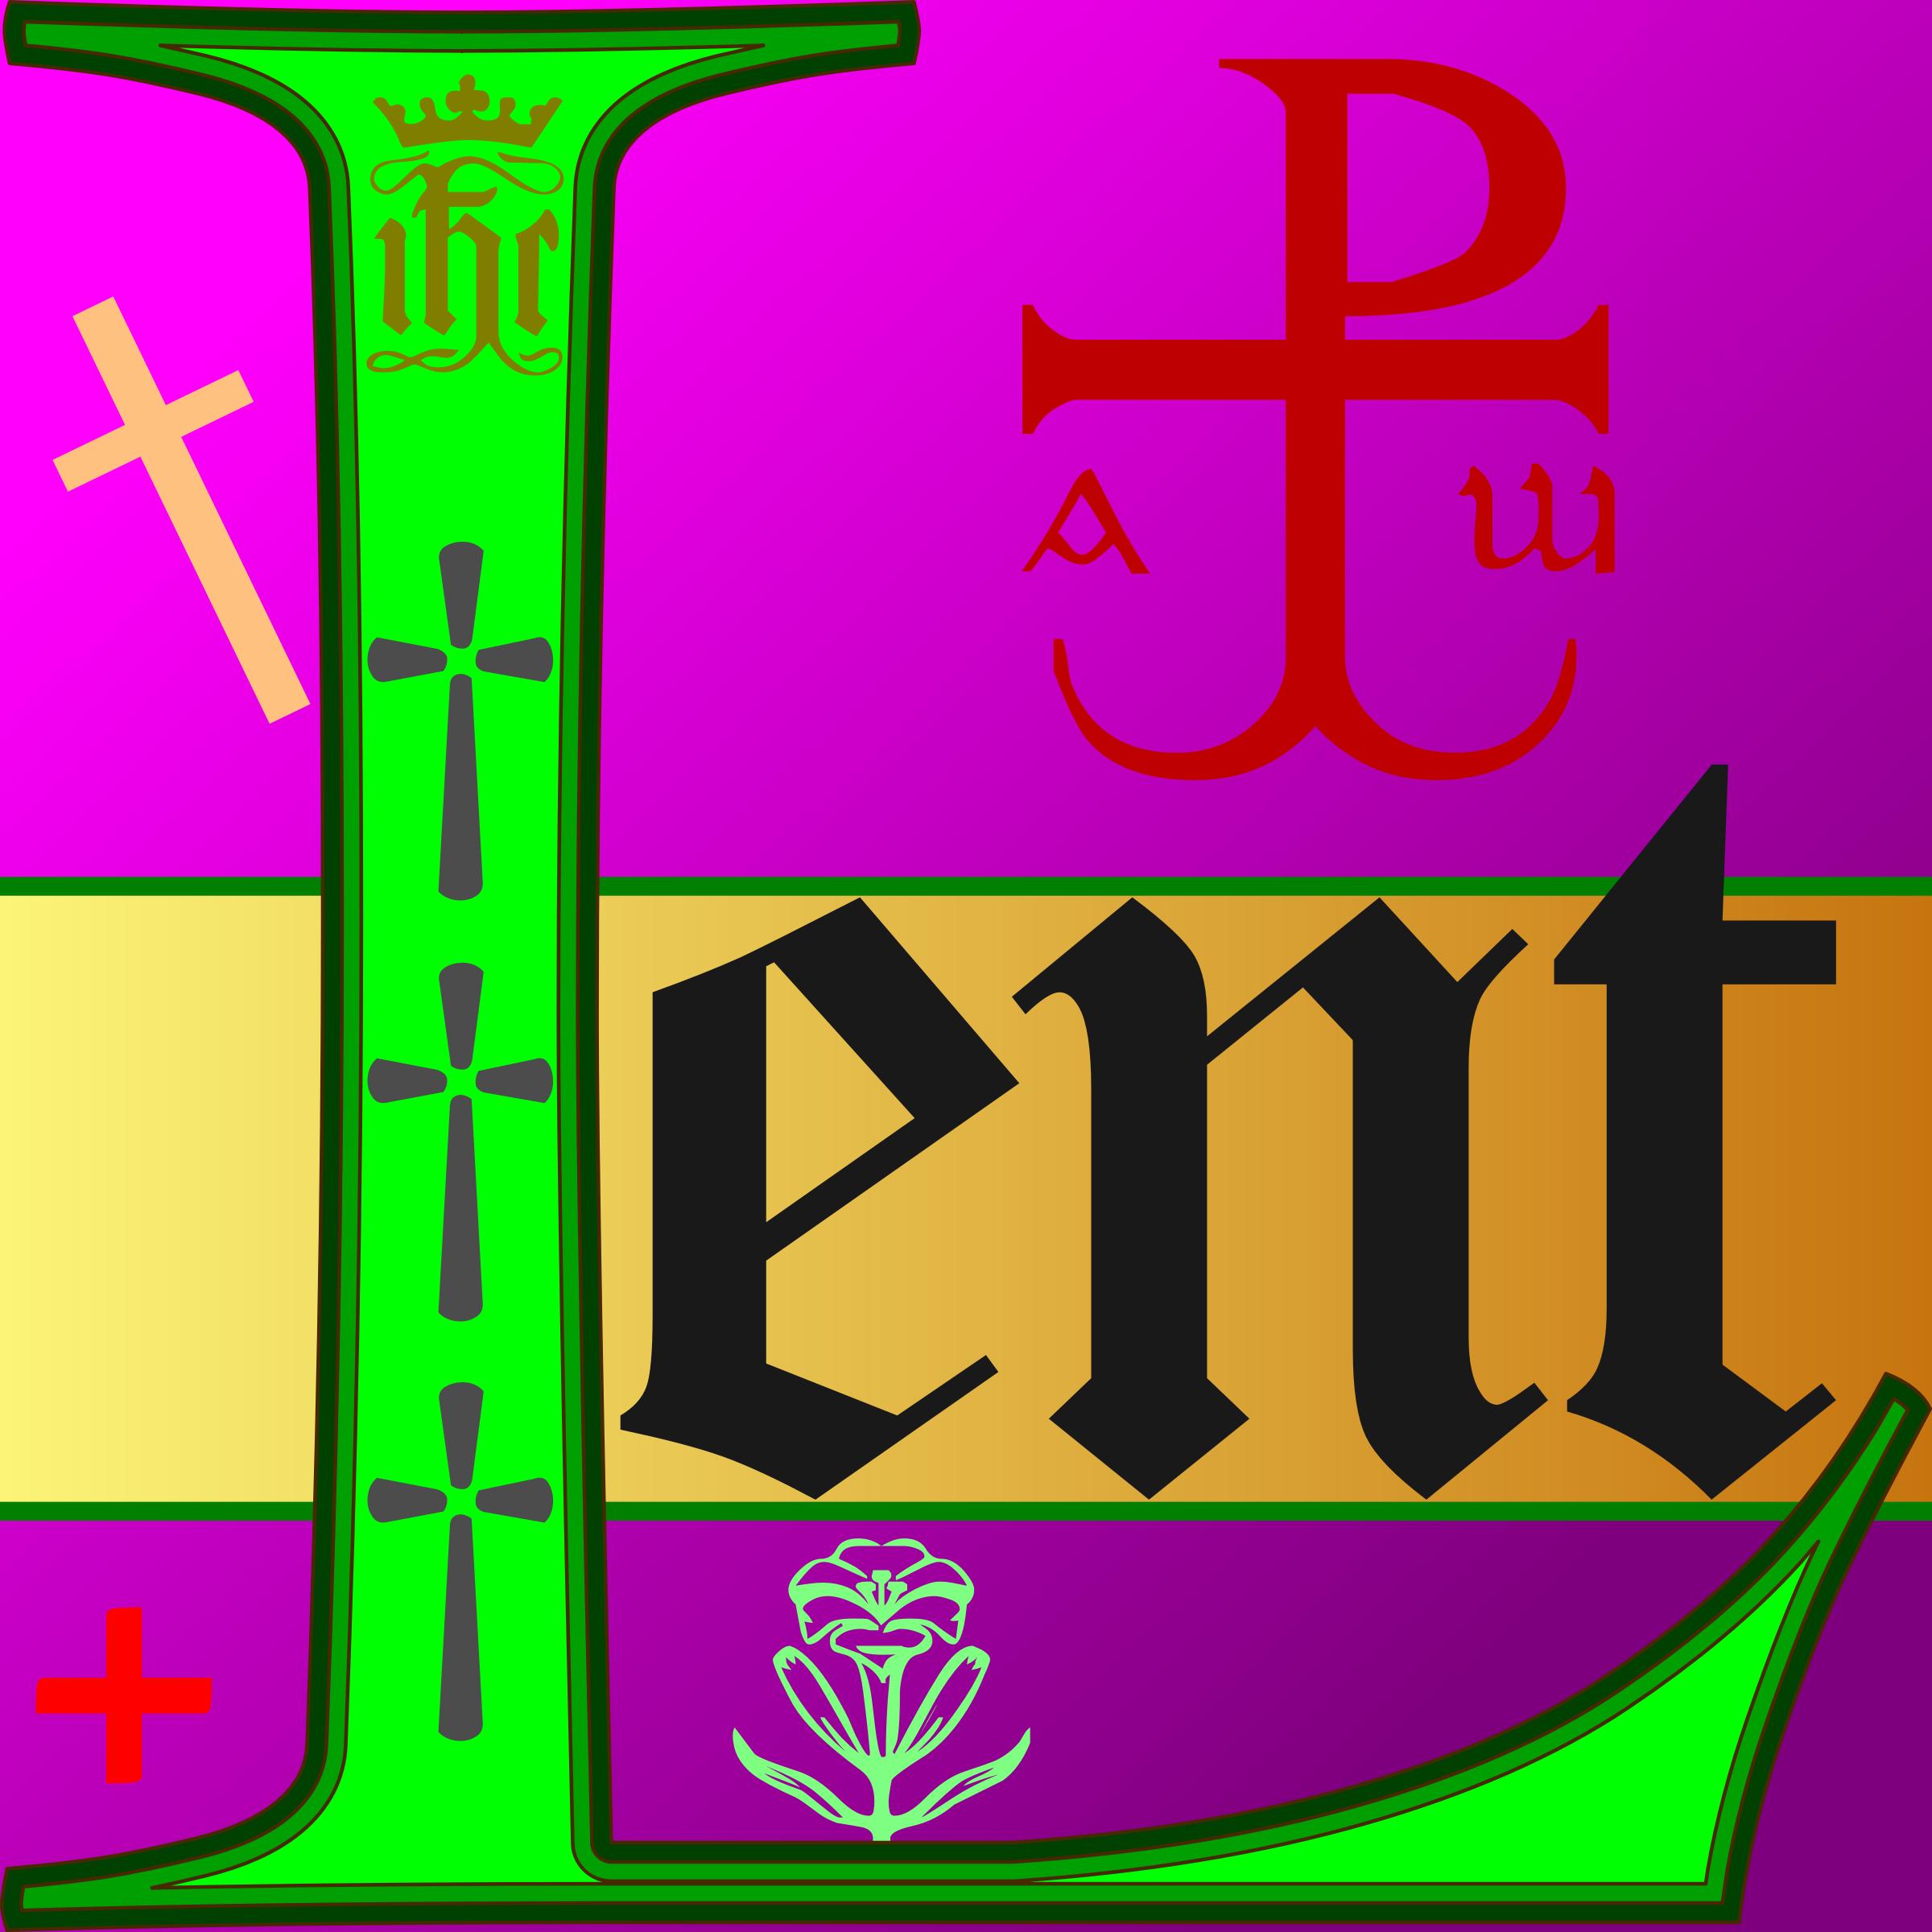 Clipart - Lent